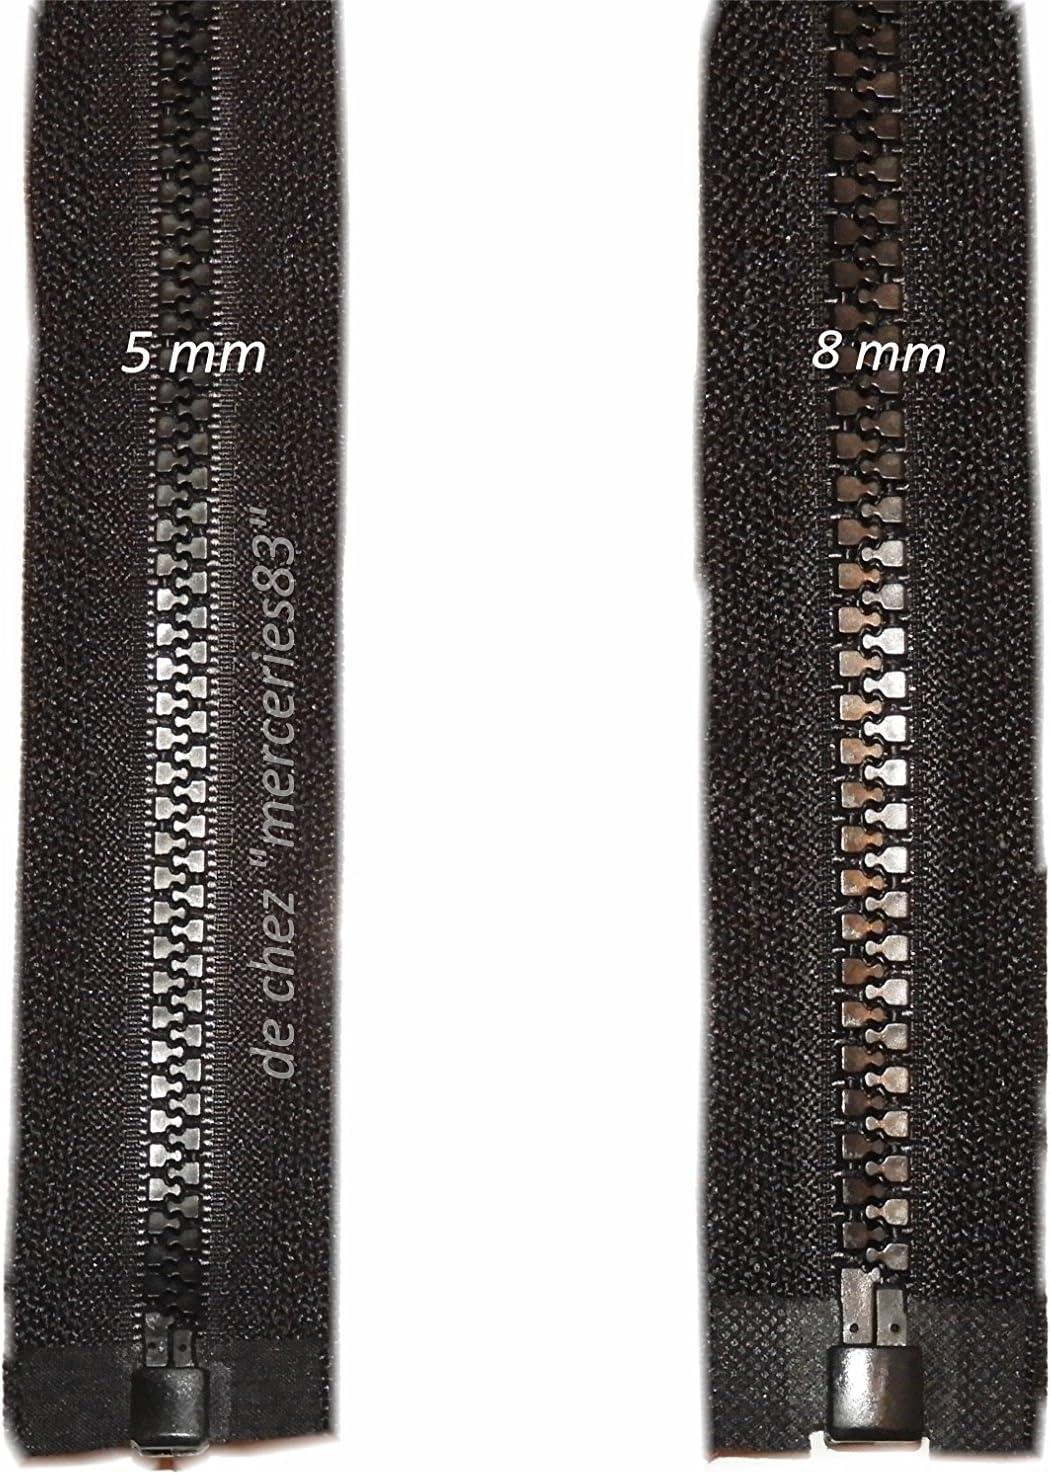 25 cm 410 Blanc cass/é Fermeture Eclair s/éparable plastique moul/ée 6 mm Z54